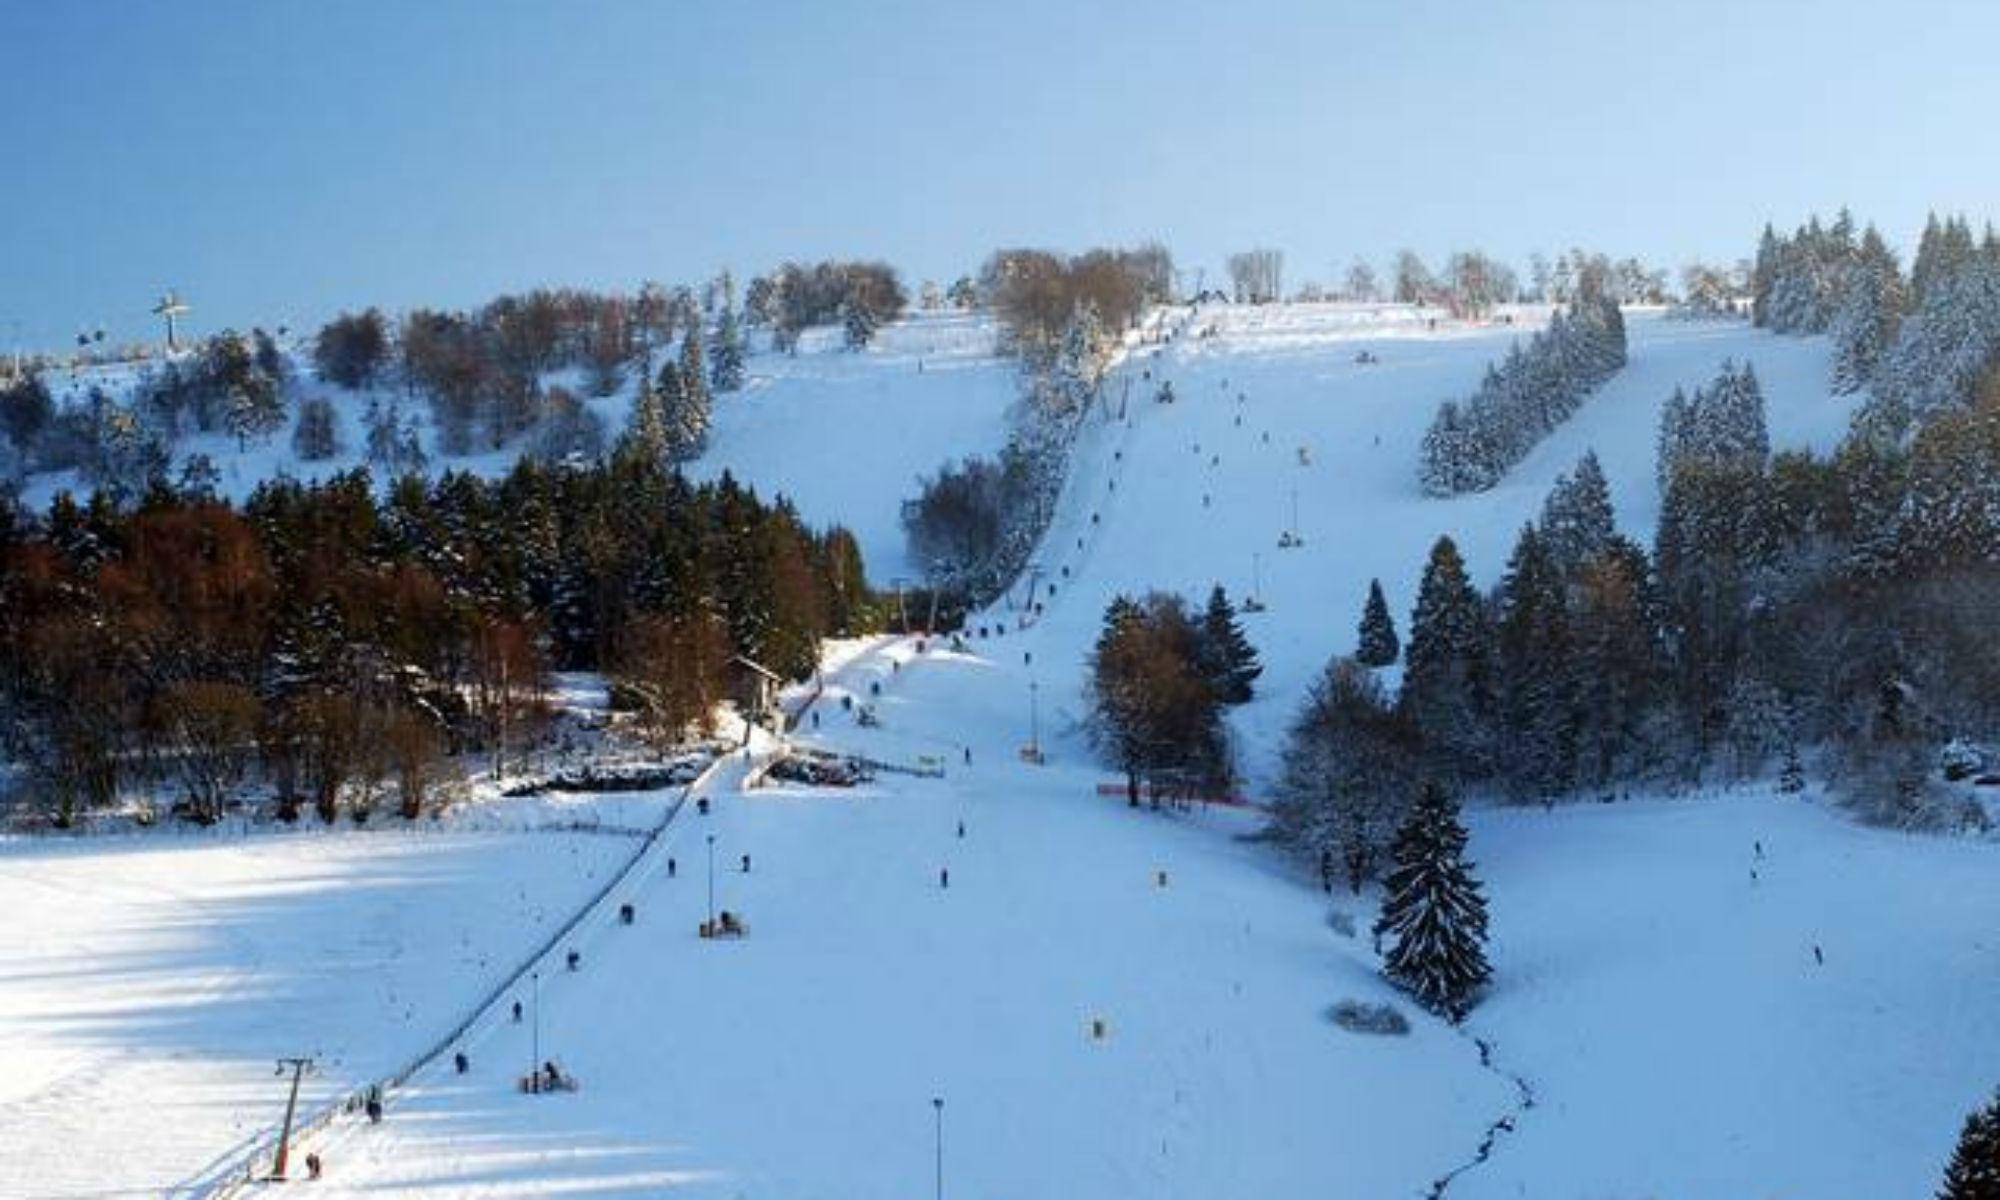 Skihang in Willingen bei sonnigem Wetter.